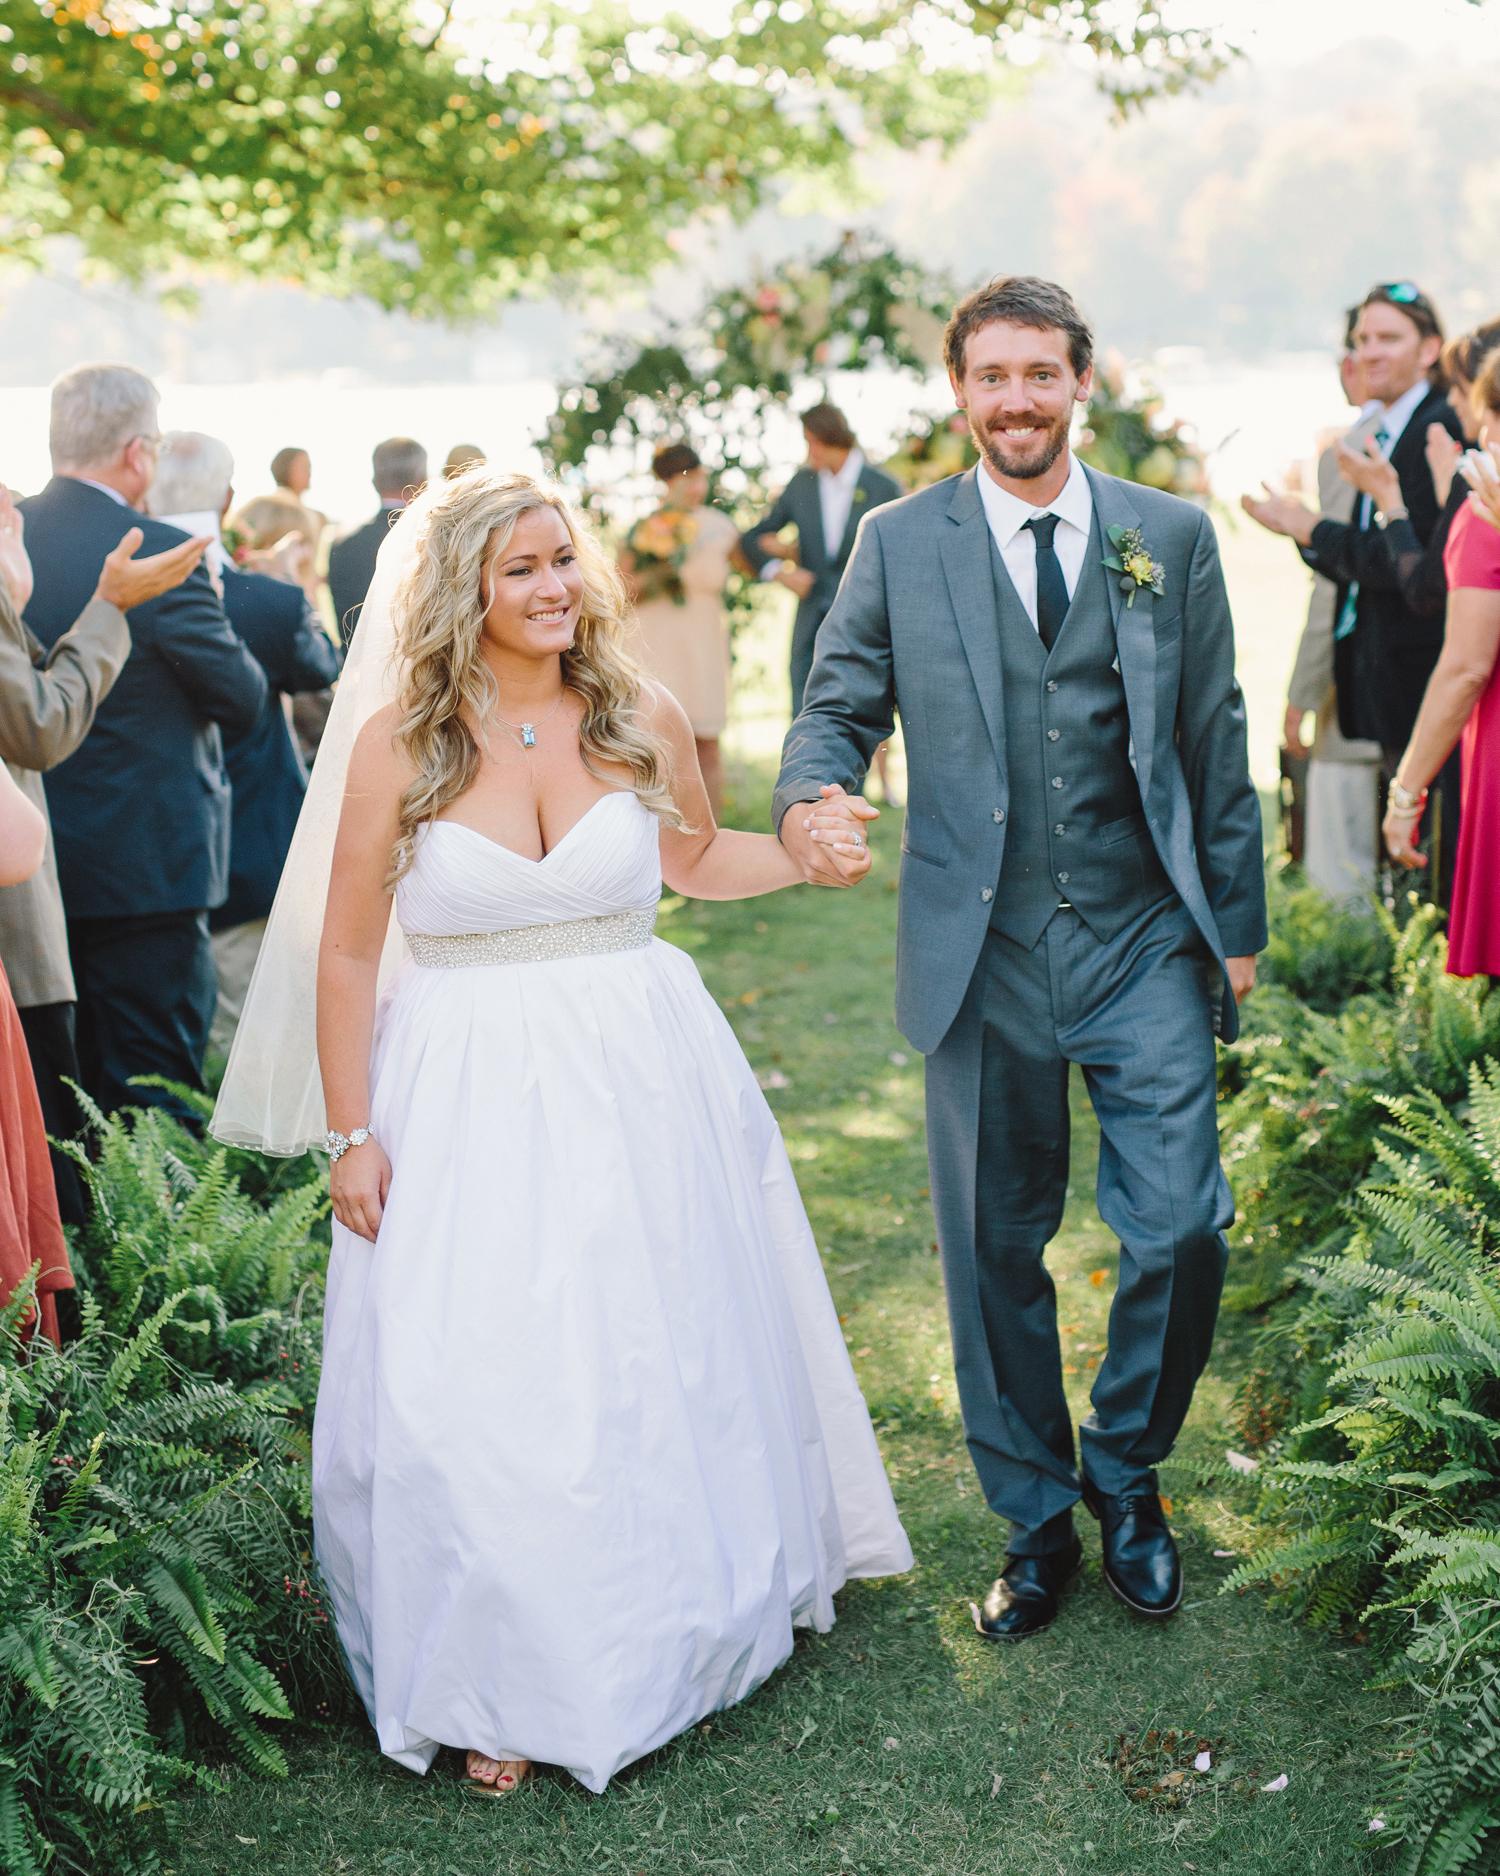 lizzy-bucky-wedding-recessional-392-s111857-0315.jpg